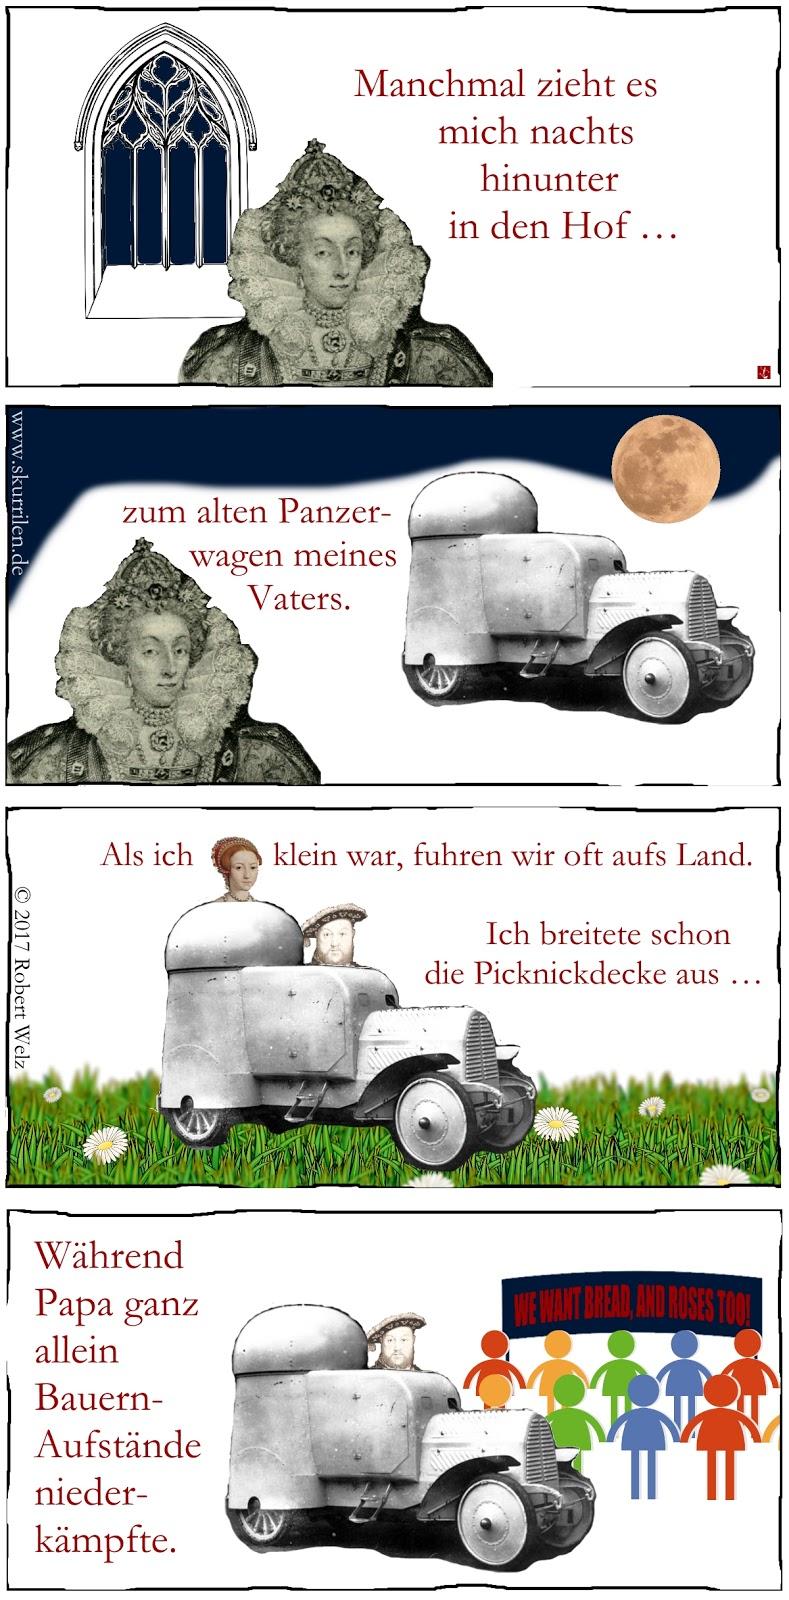 politisch-satirisches Collage-Comic: Königin Elizabeth I. erinnert sich, wie sie als Kind mit ihrem Vater König Hernry VIII. im alten Panzerwagen raus aufs Land fuhr.